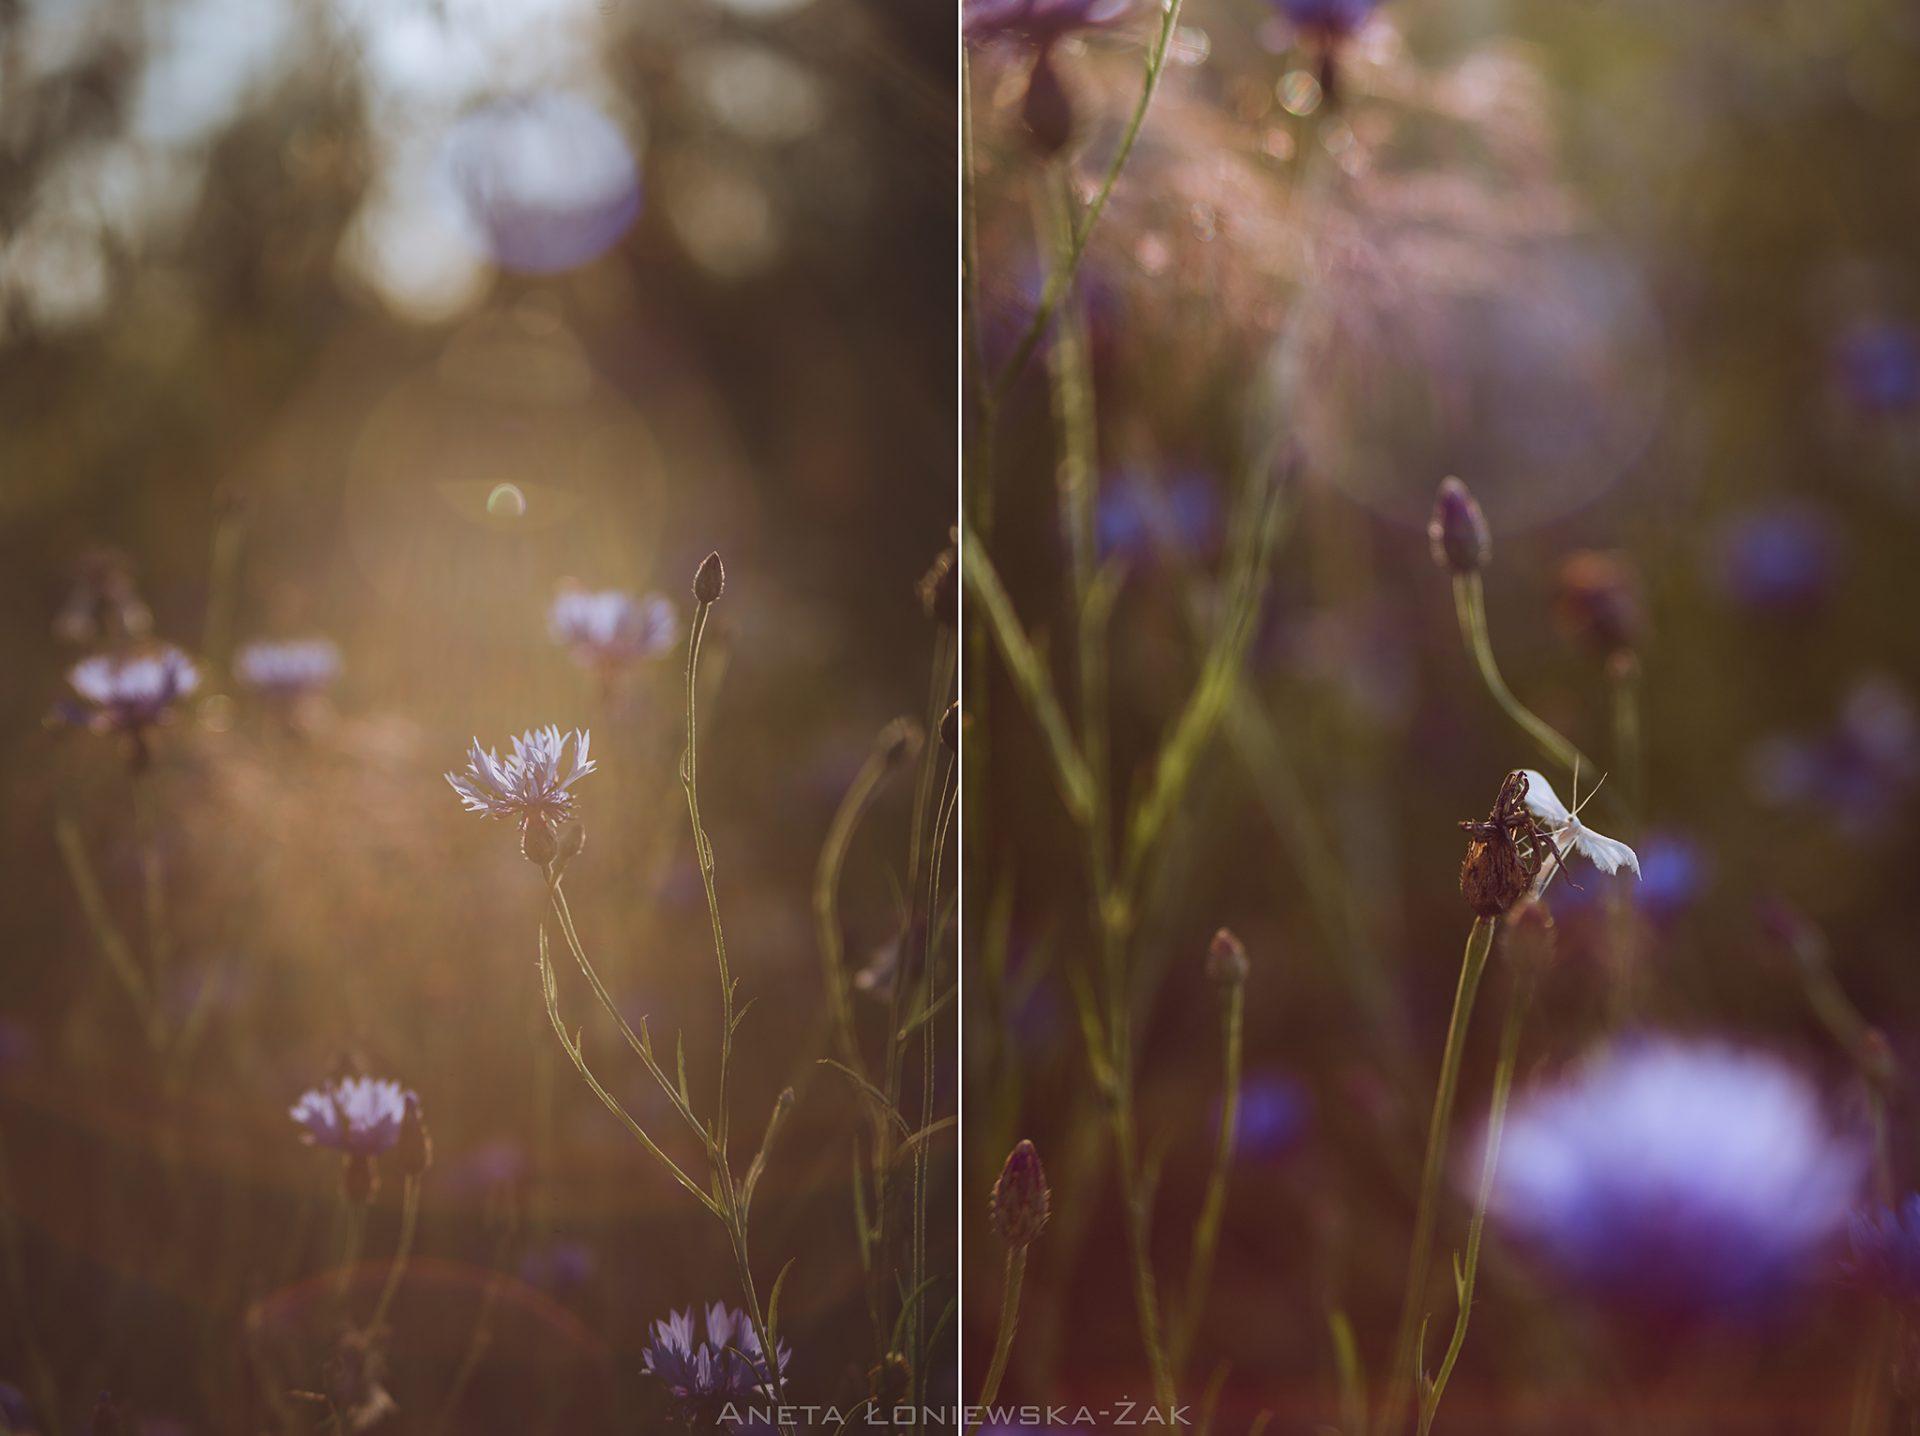 fotografia przyrodnicza, puszcza knyszyńska, podlasie chaber bławatek